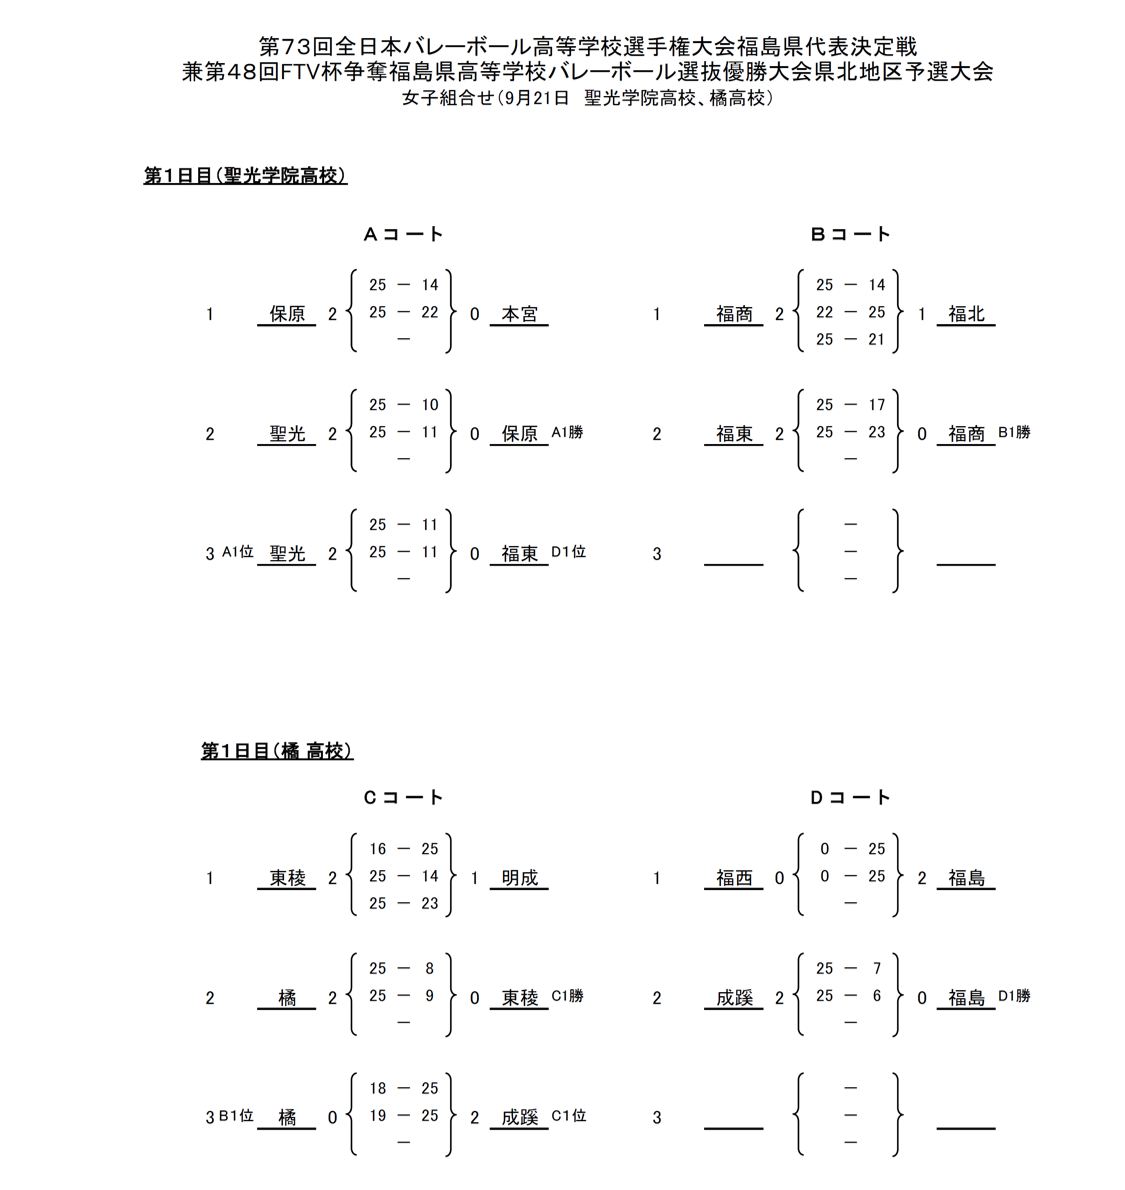 2020年度_全日本高校選手権_福島予選_県北地区_女子_結果1